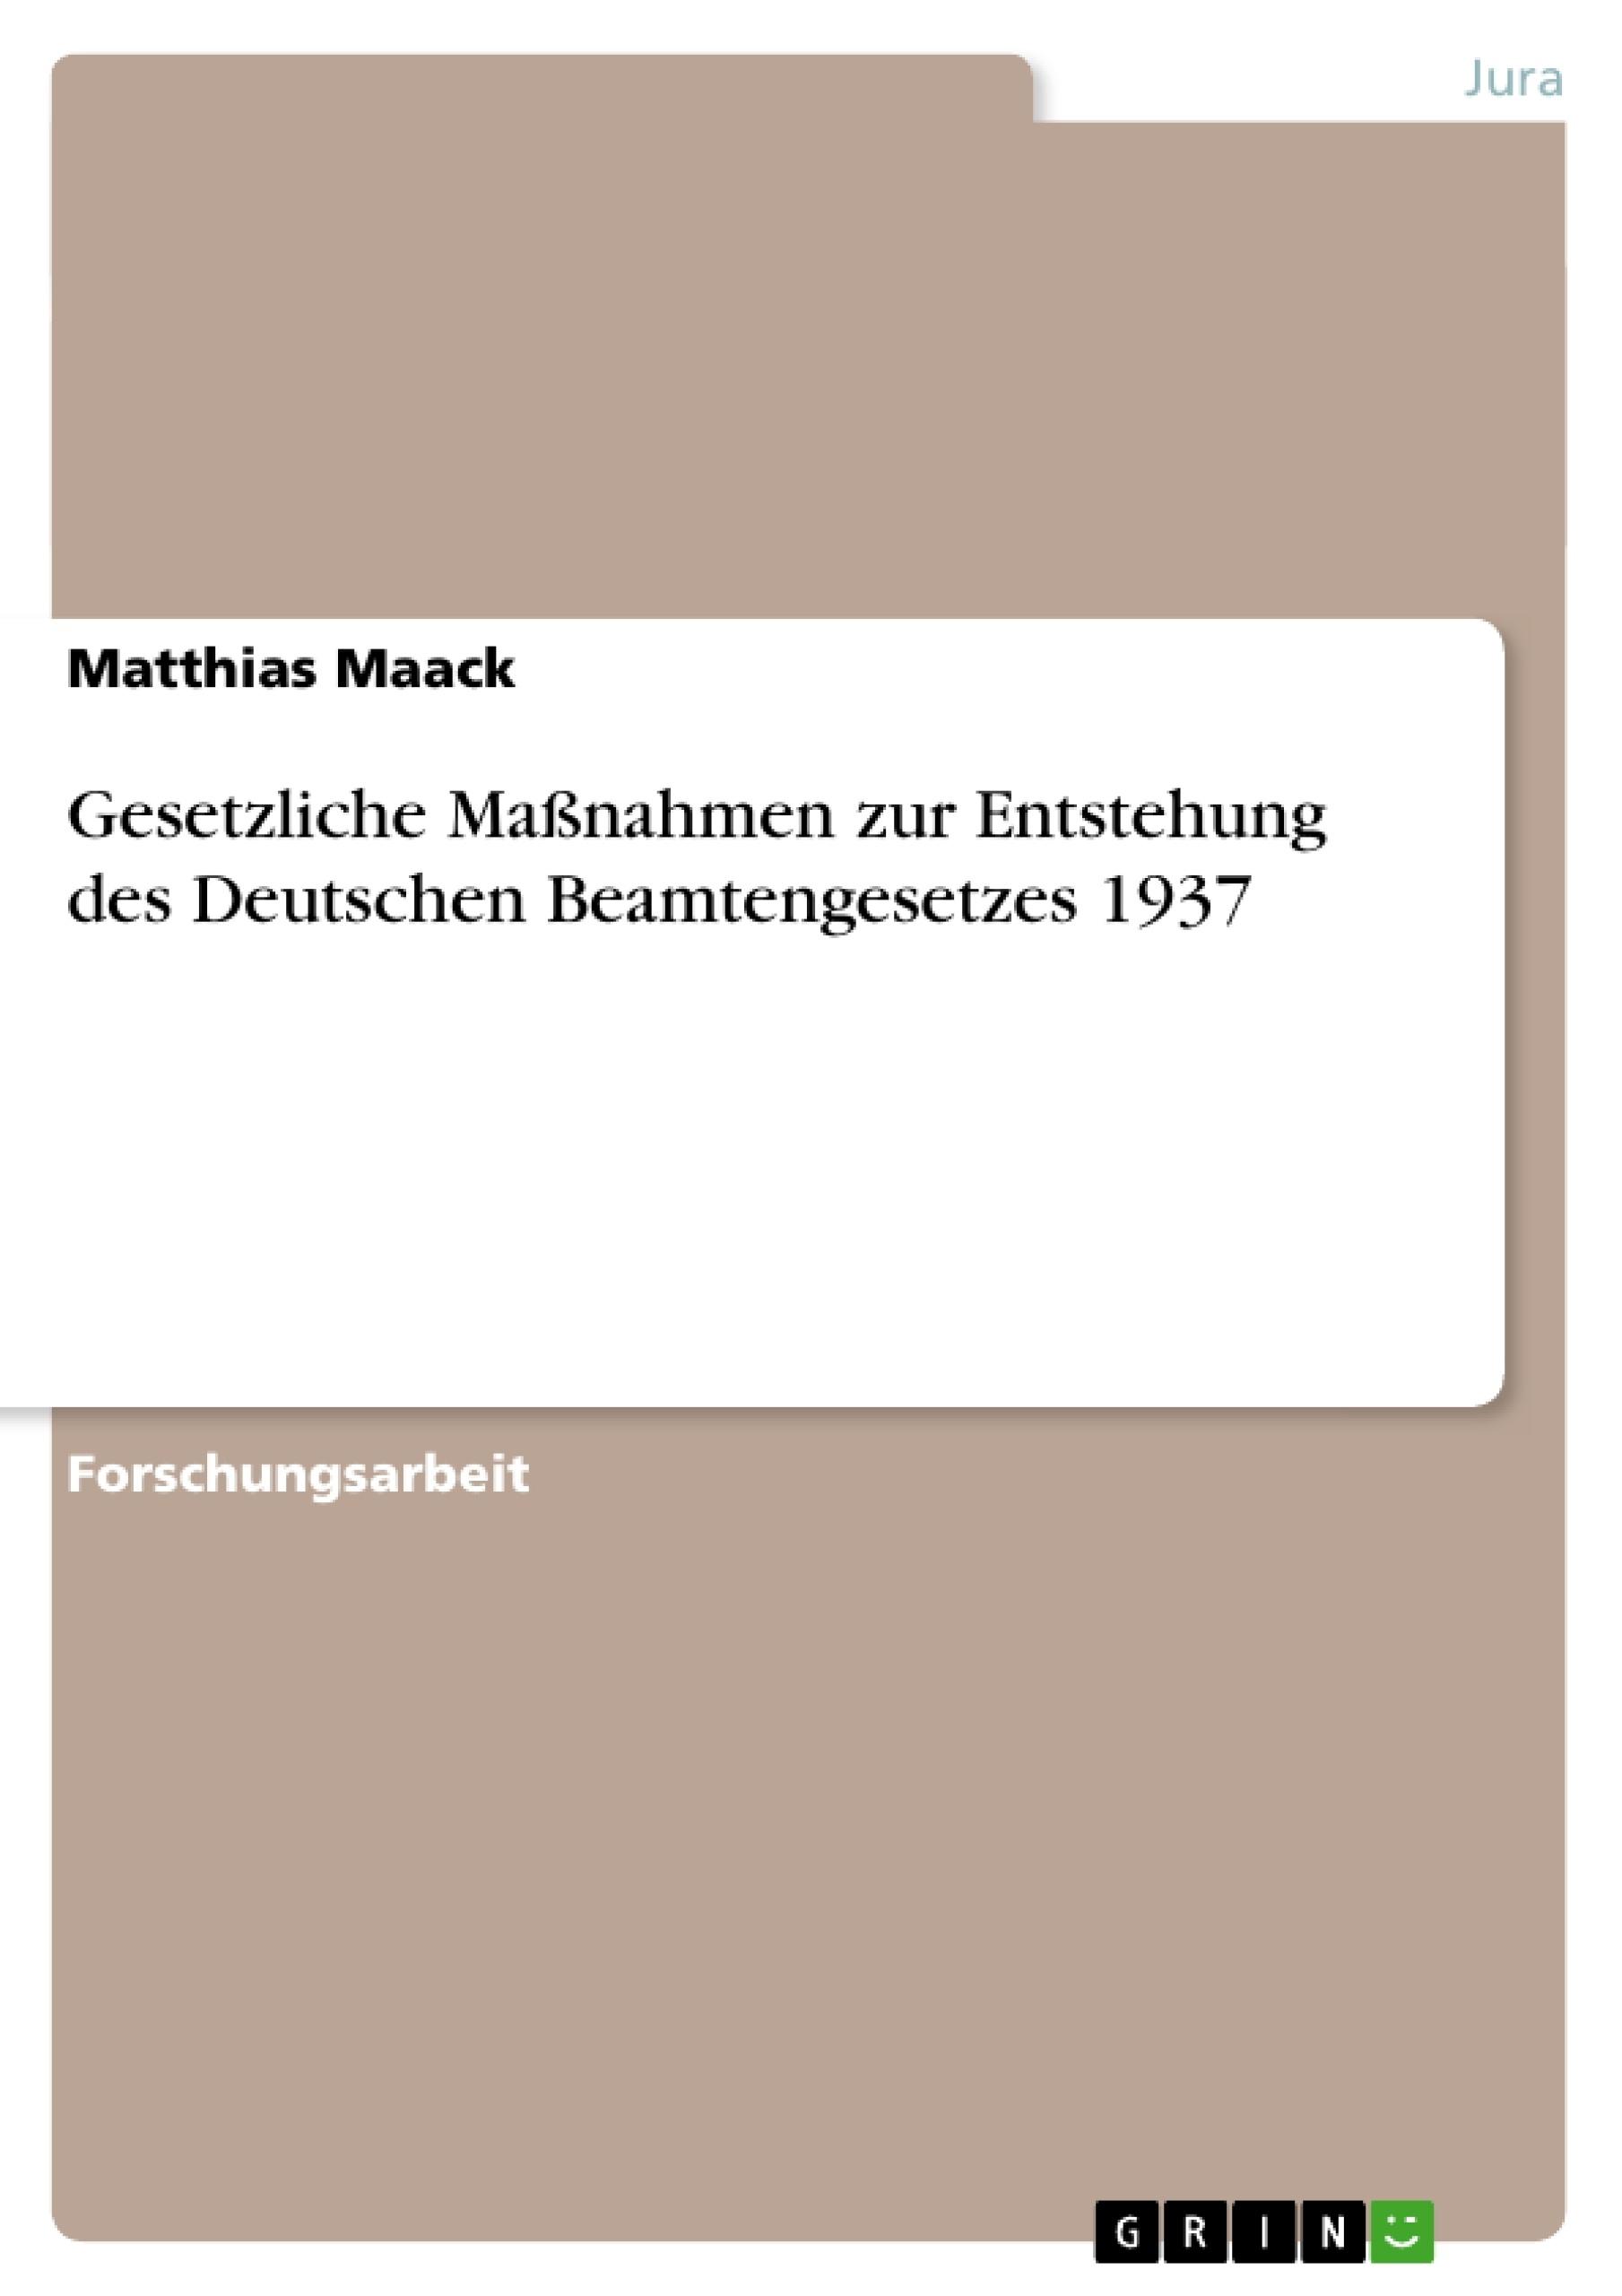 Titel: Gesetzliche Maßnahmen zur Entstehung des Deutschen Beamtengesetzes 1937